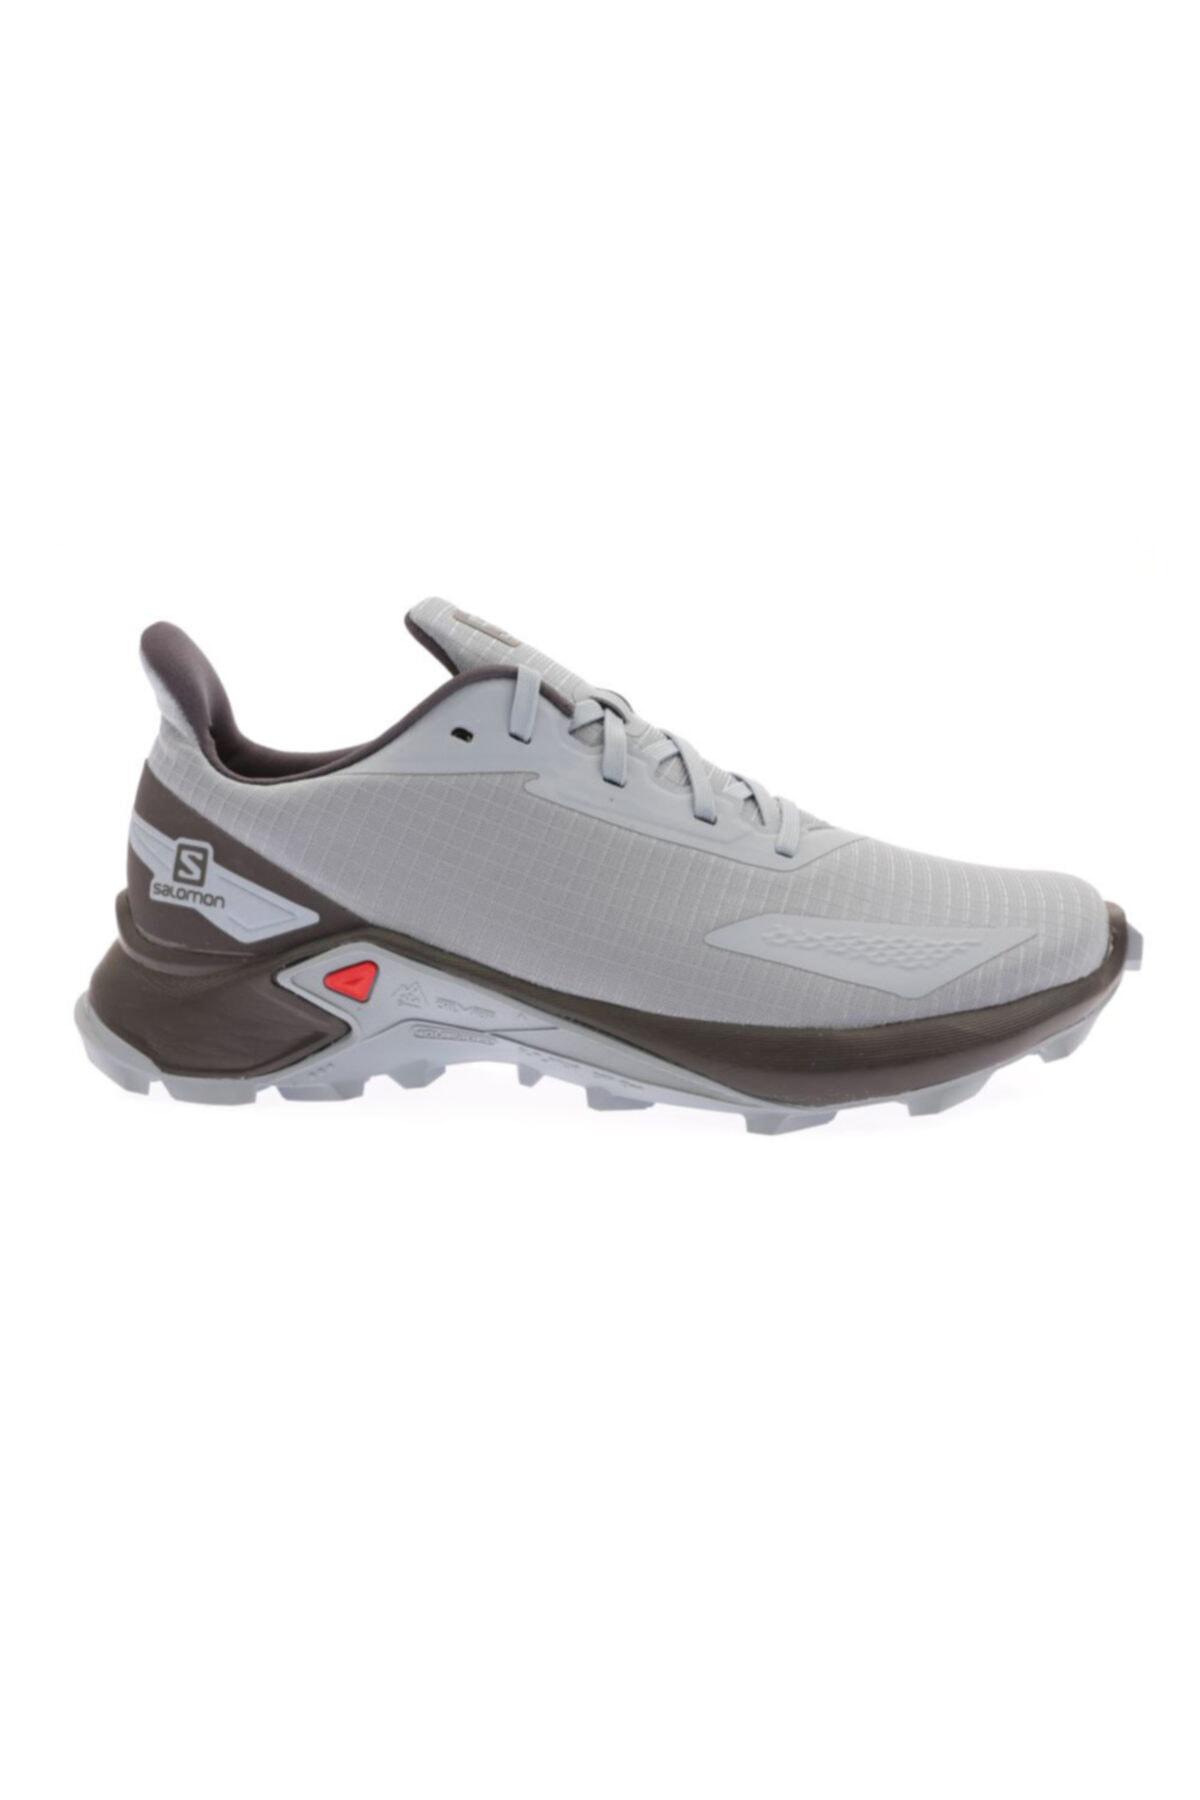 سفارش نقدی کفش کوهنوردی ارزان برند Salomon رنگ آبی کد ty94547800